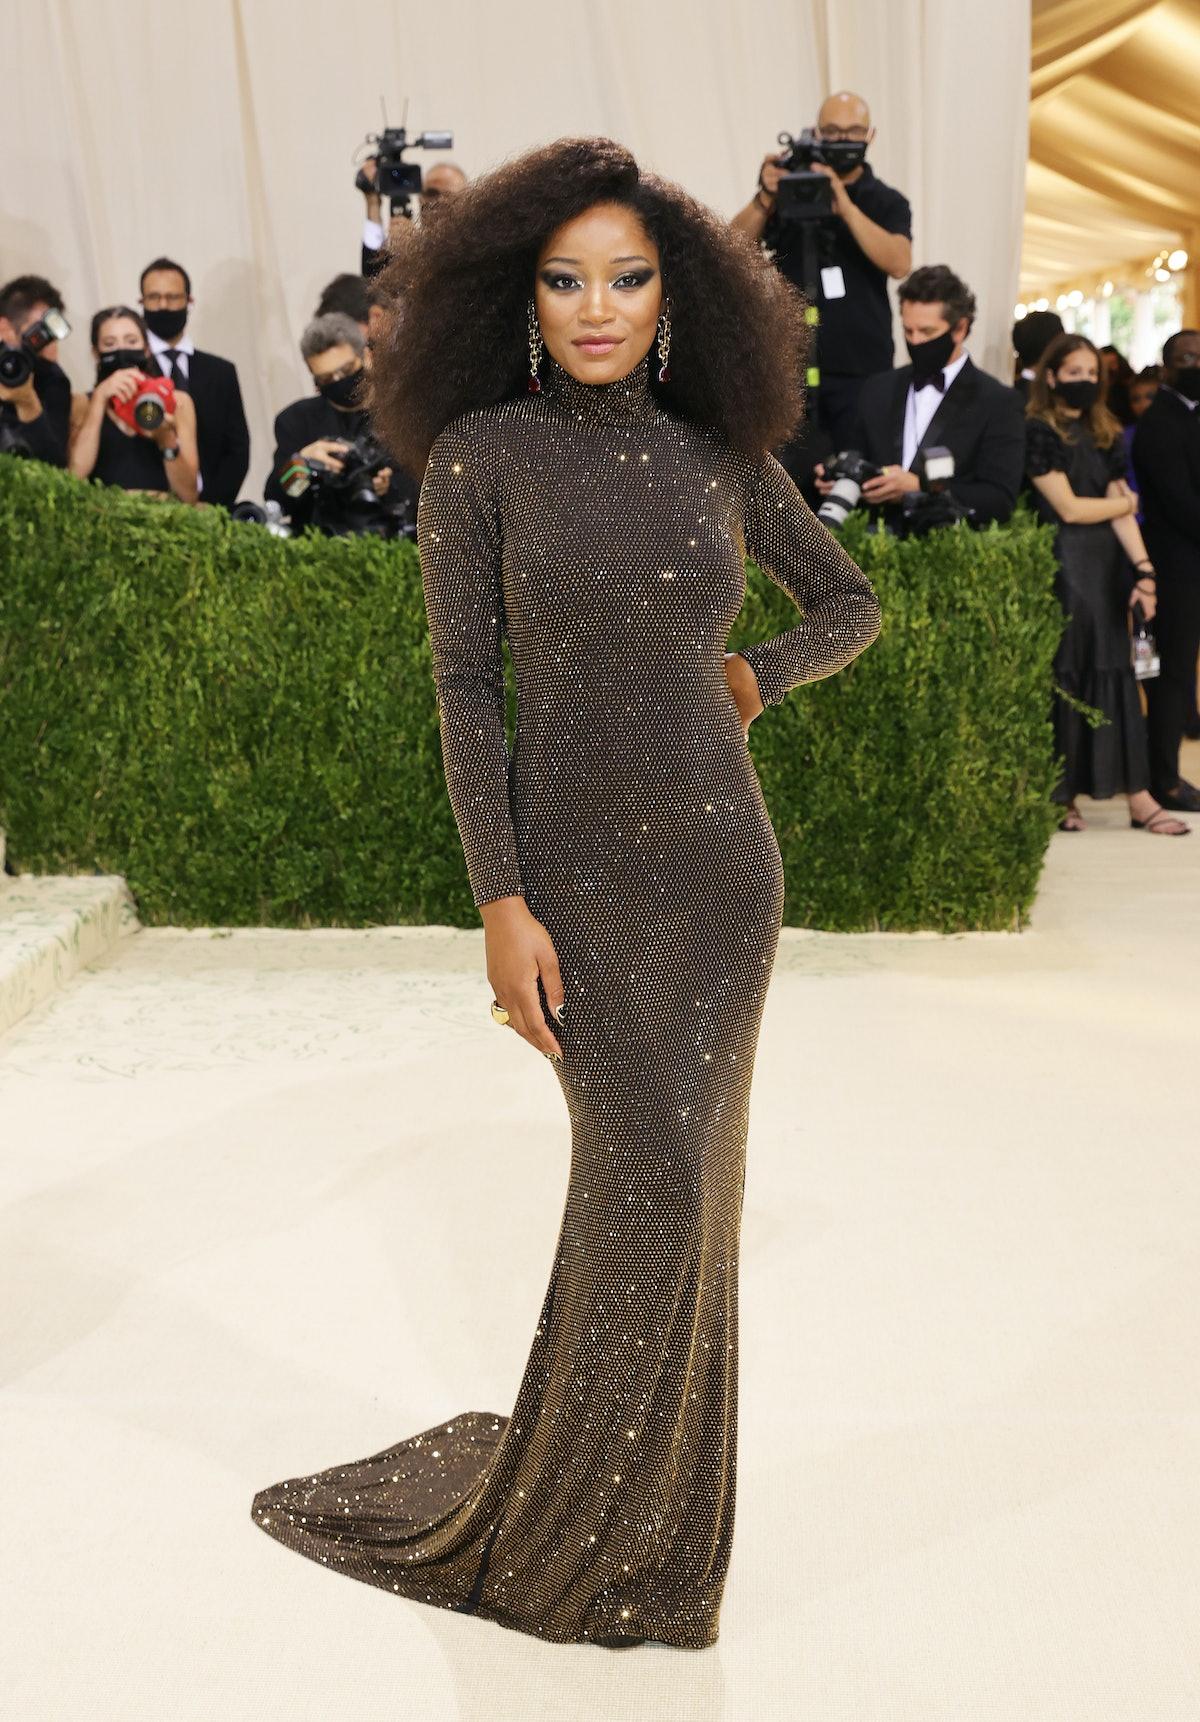 ککه پالمر در The Met 2021 Celebrating In America: A Lexicon of Fashion در Metropolitan M شرکت کرد ...